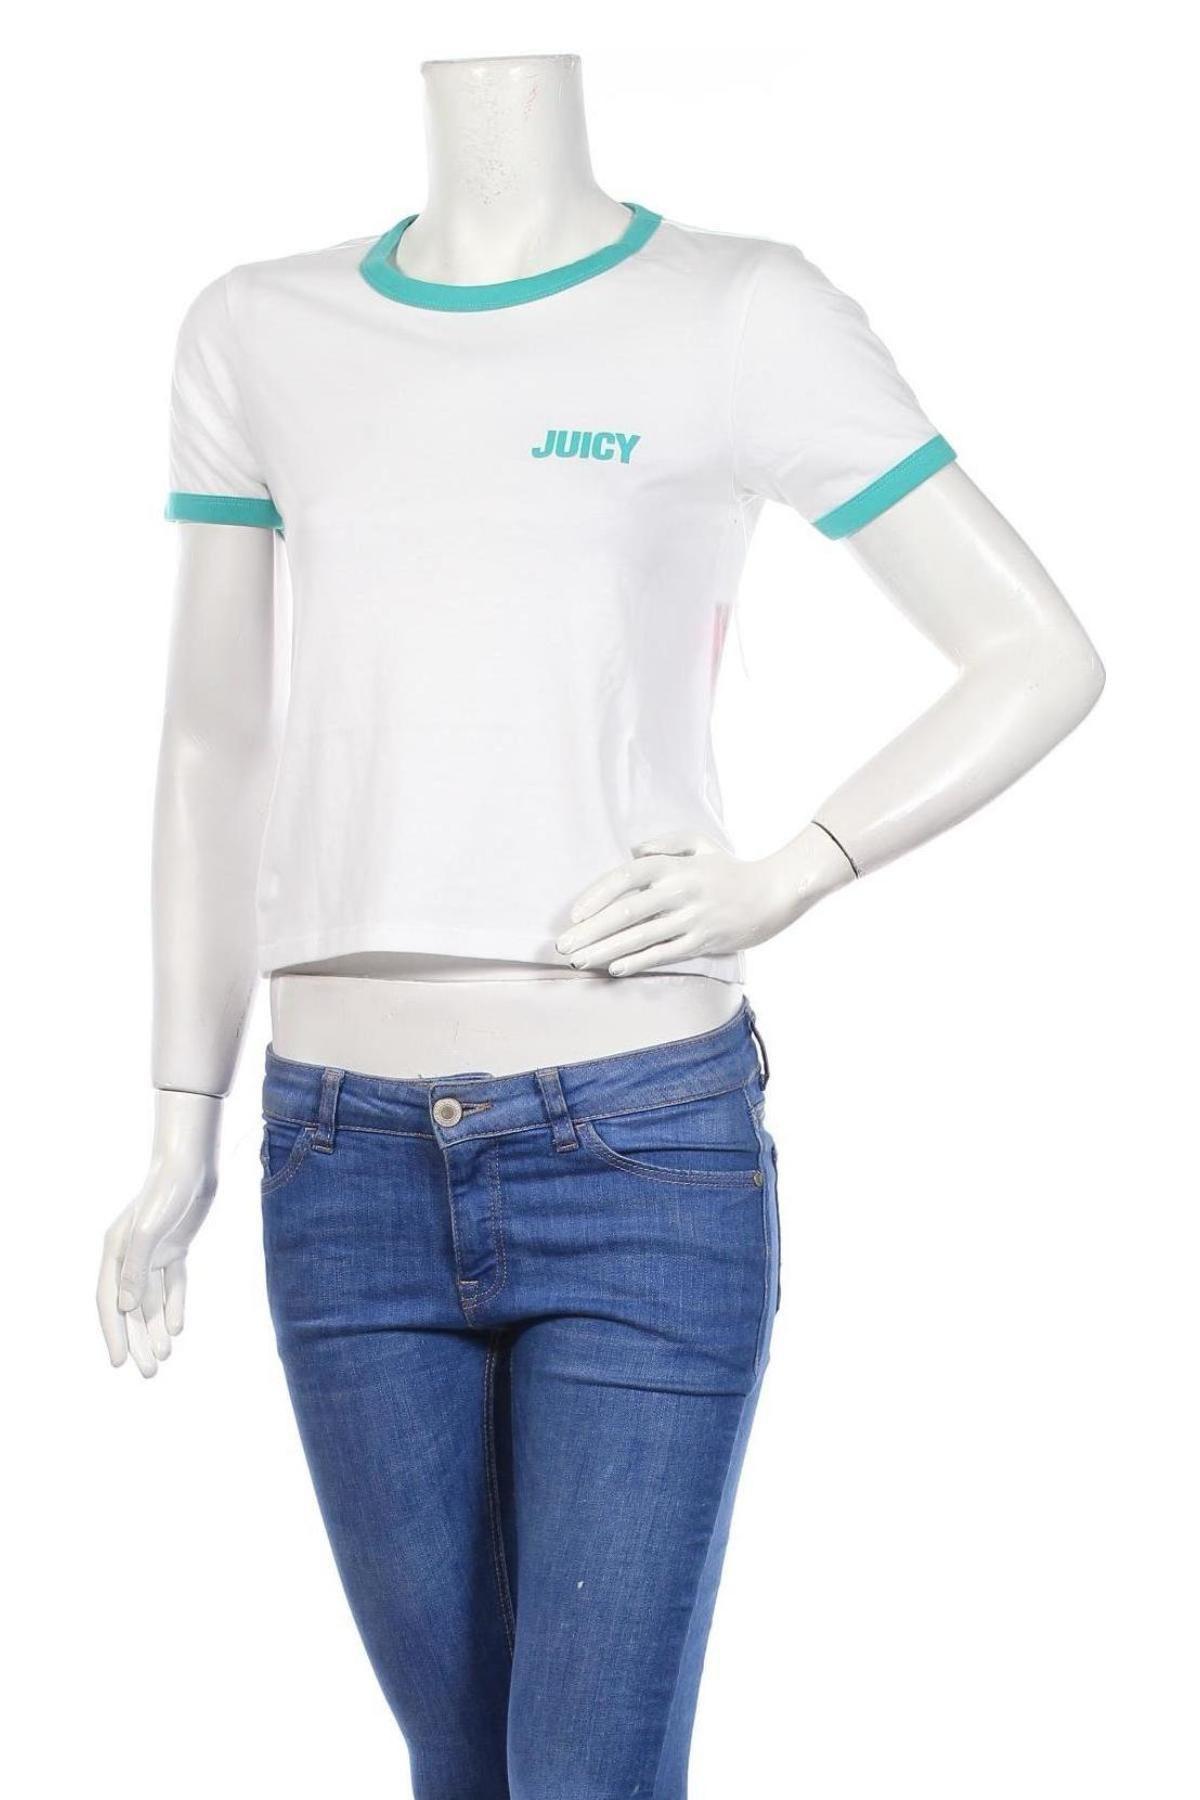 Дамска тениска Juicy Couture, Размер XS, Цвят Бял, 60% памук, 40% полиестер, Цена 31,90лв.